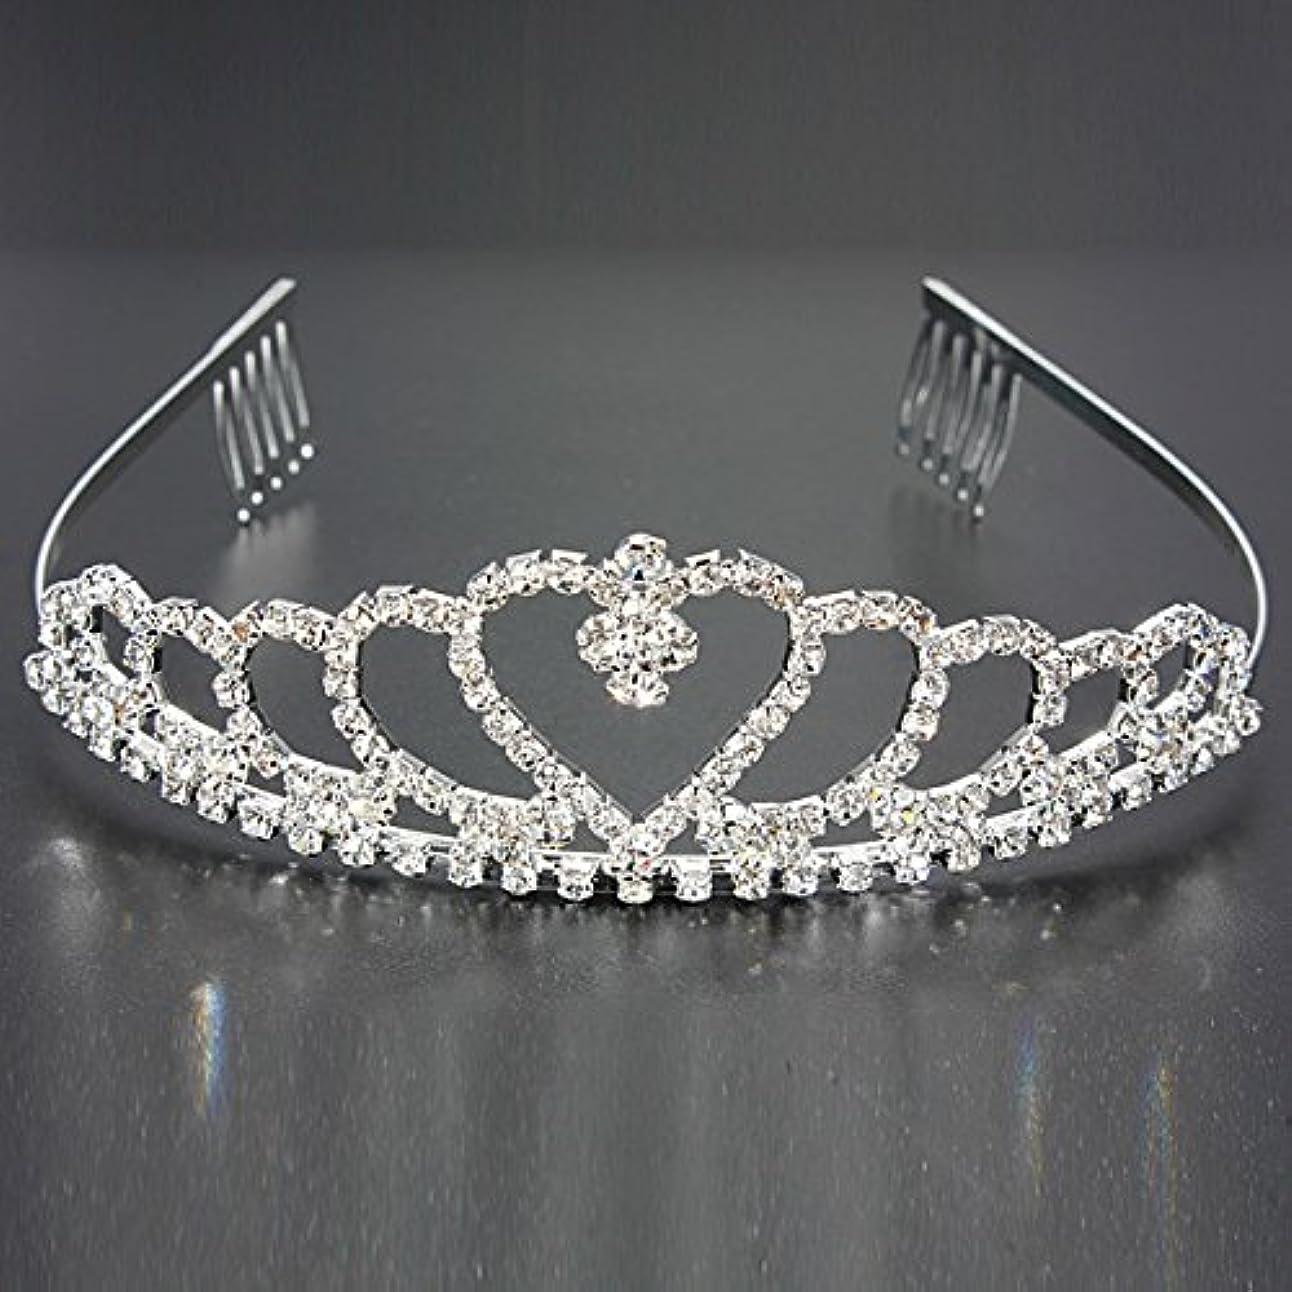 立法区別する面積YZUEYT 結婚式の花嫁のクリスタルのラインストーンハート型クラウンの髪ティアラ YZUEYT (Size : One size)